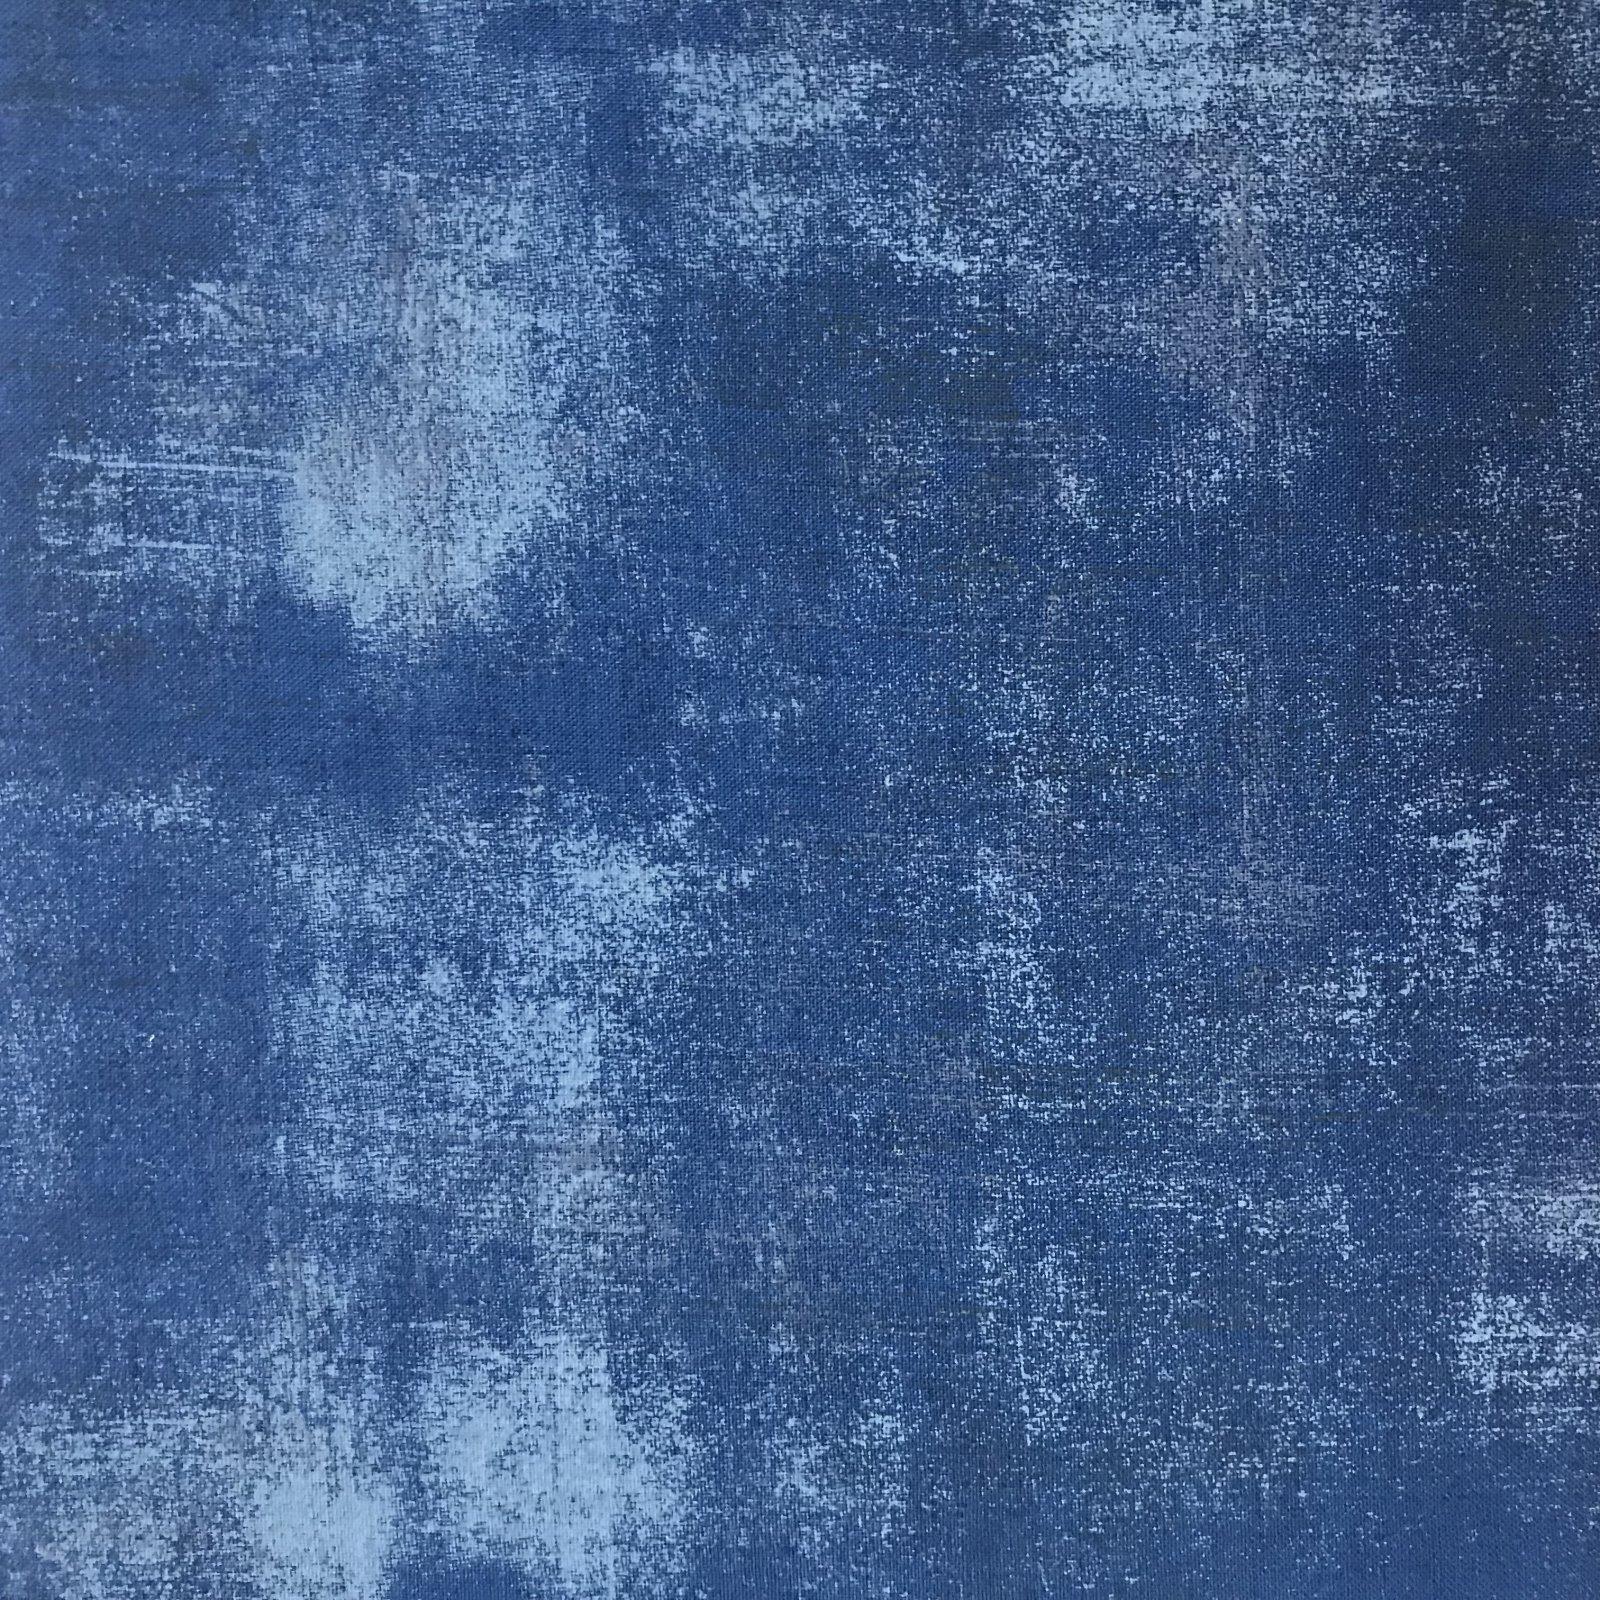 Grunge Basics Cobalt 30150 223